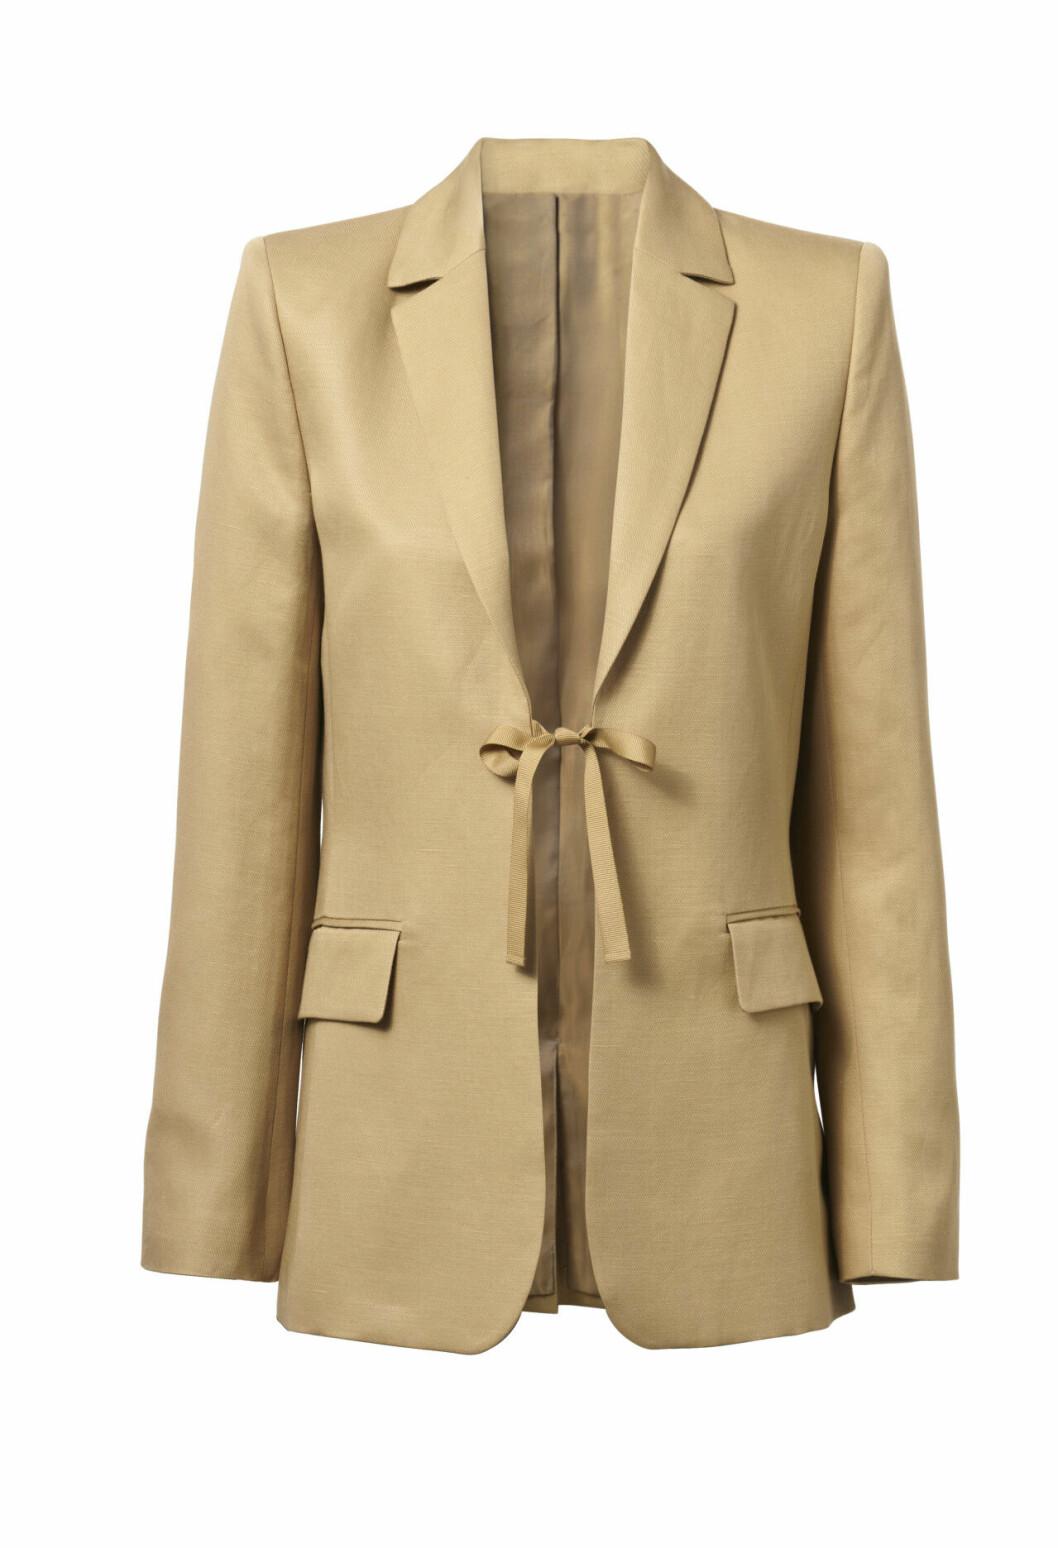 H&M conscious exclusive SS20 – beige kavaj